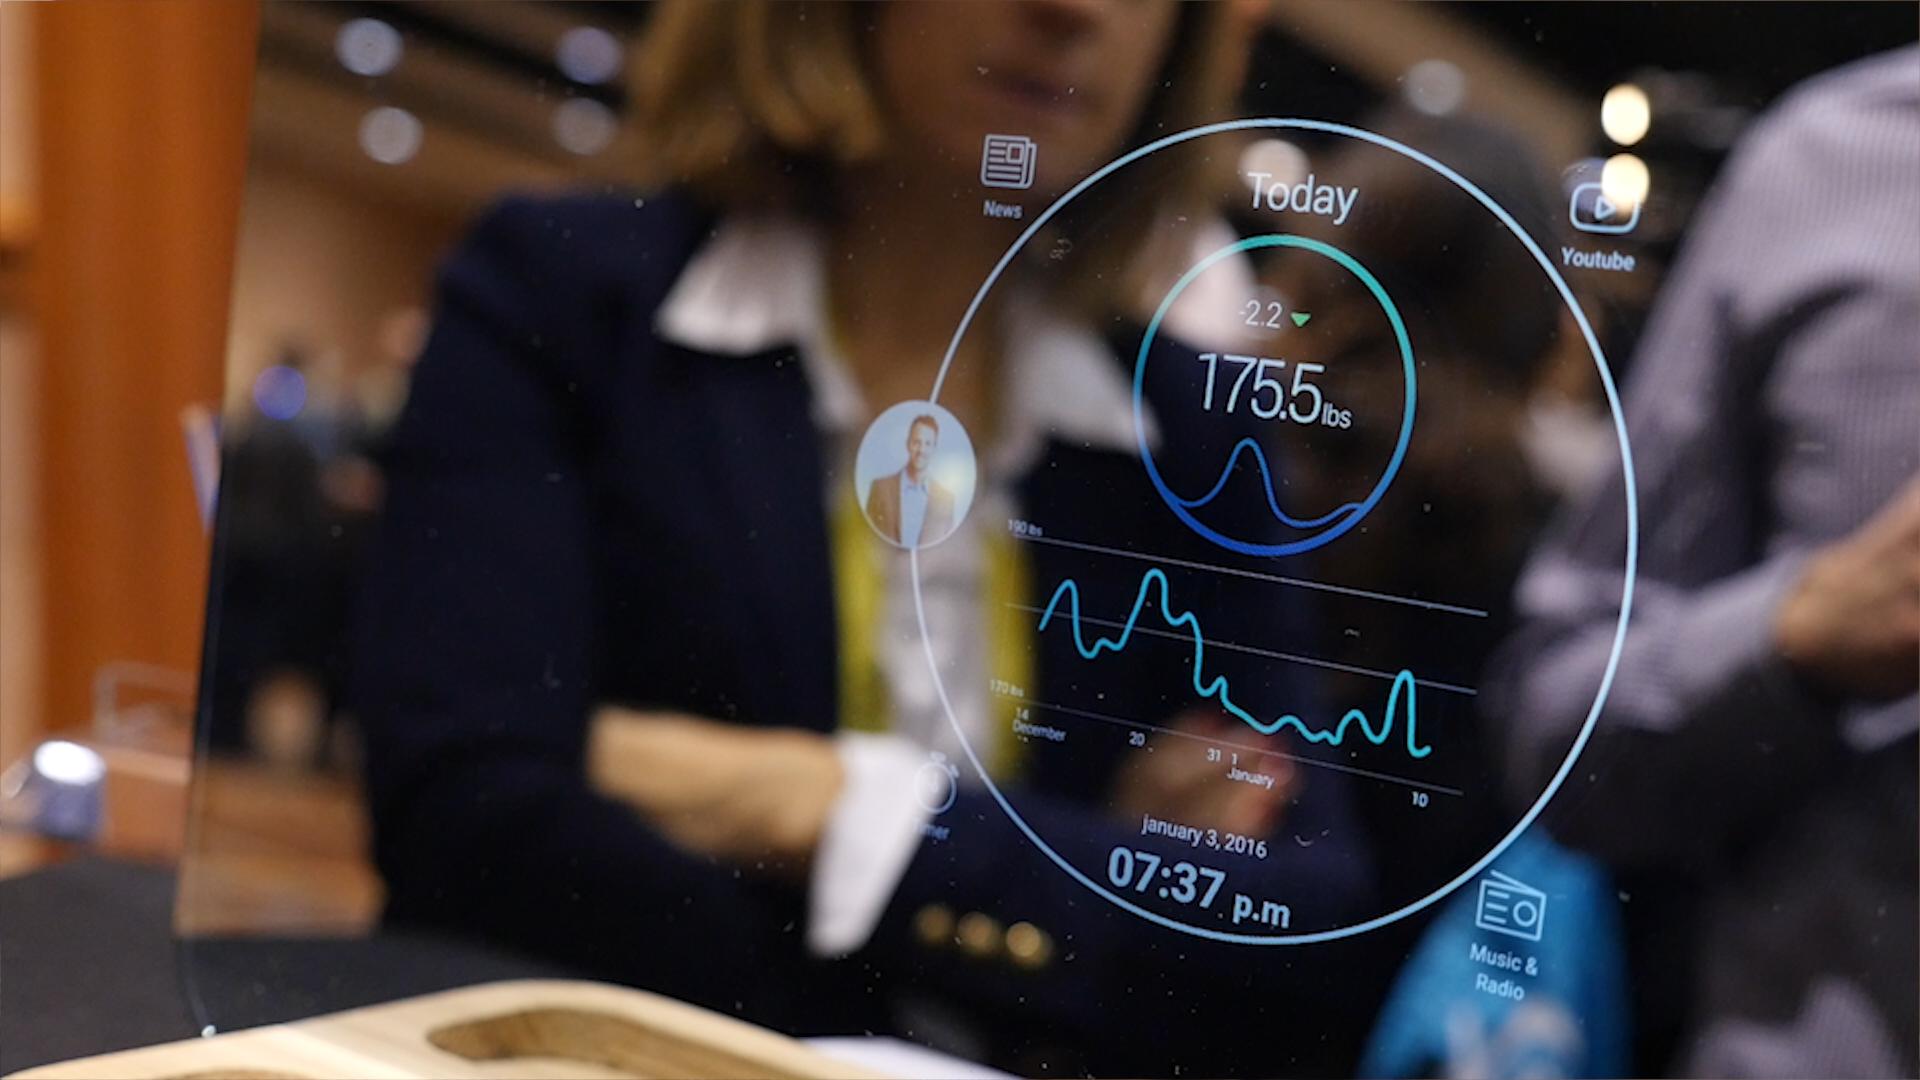 Ces 2017 miliboo ekko un miroir sous android avec un for Raspberry miroir